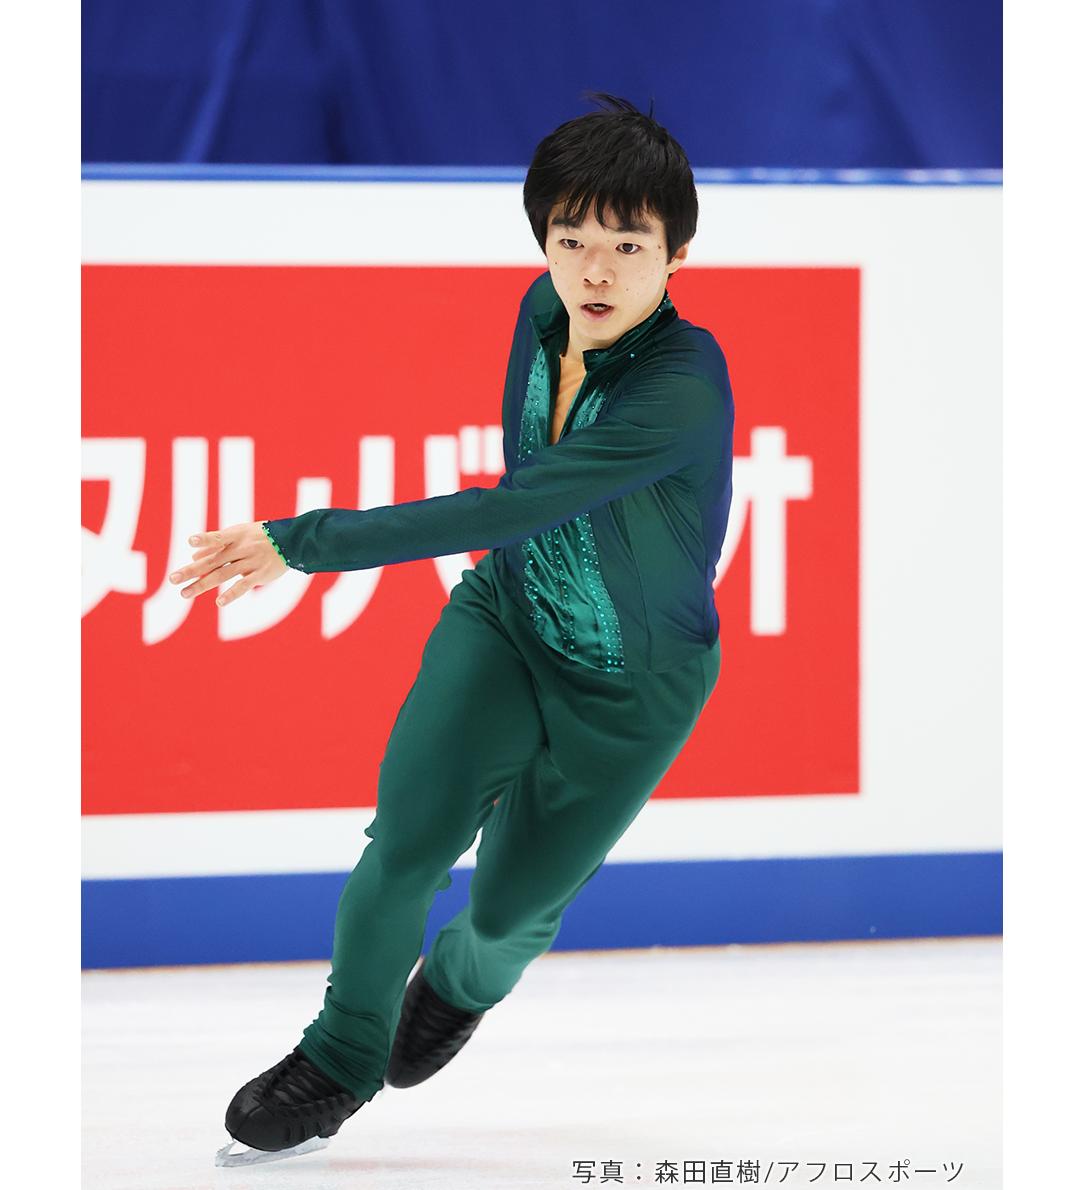 2020年全日本選手権に出場したフィギュアスケートの鍵山優真選手